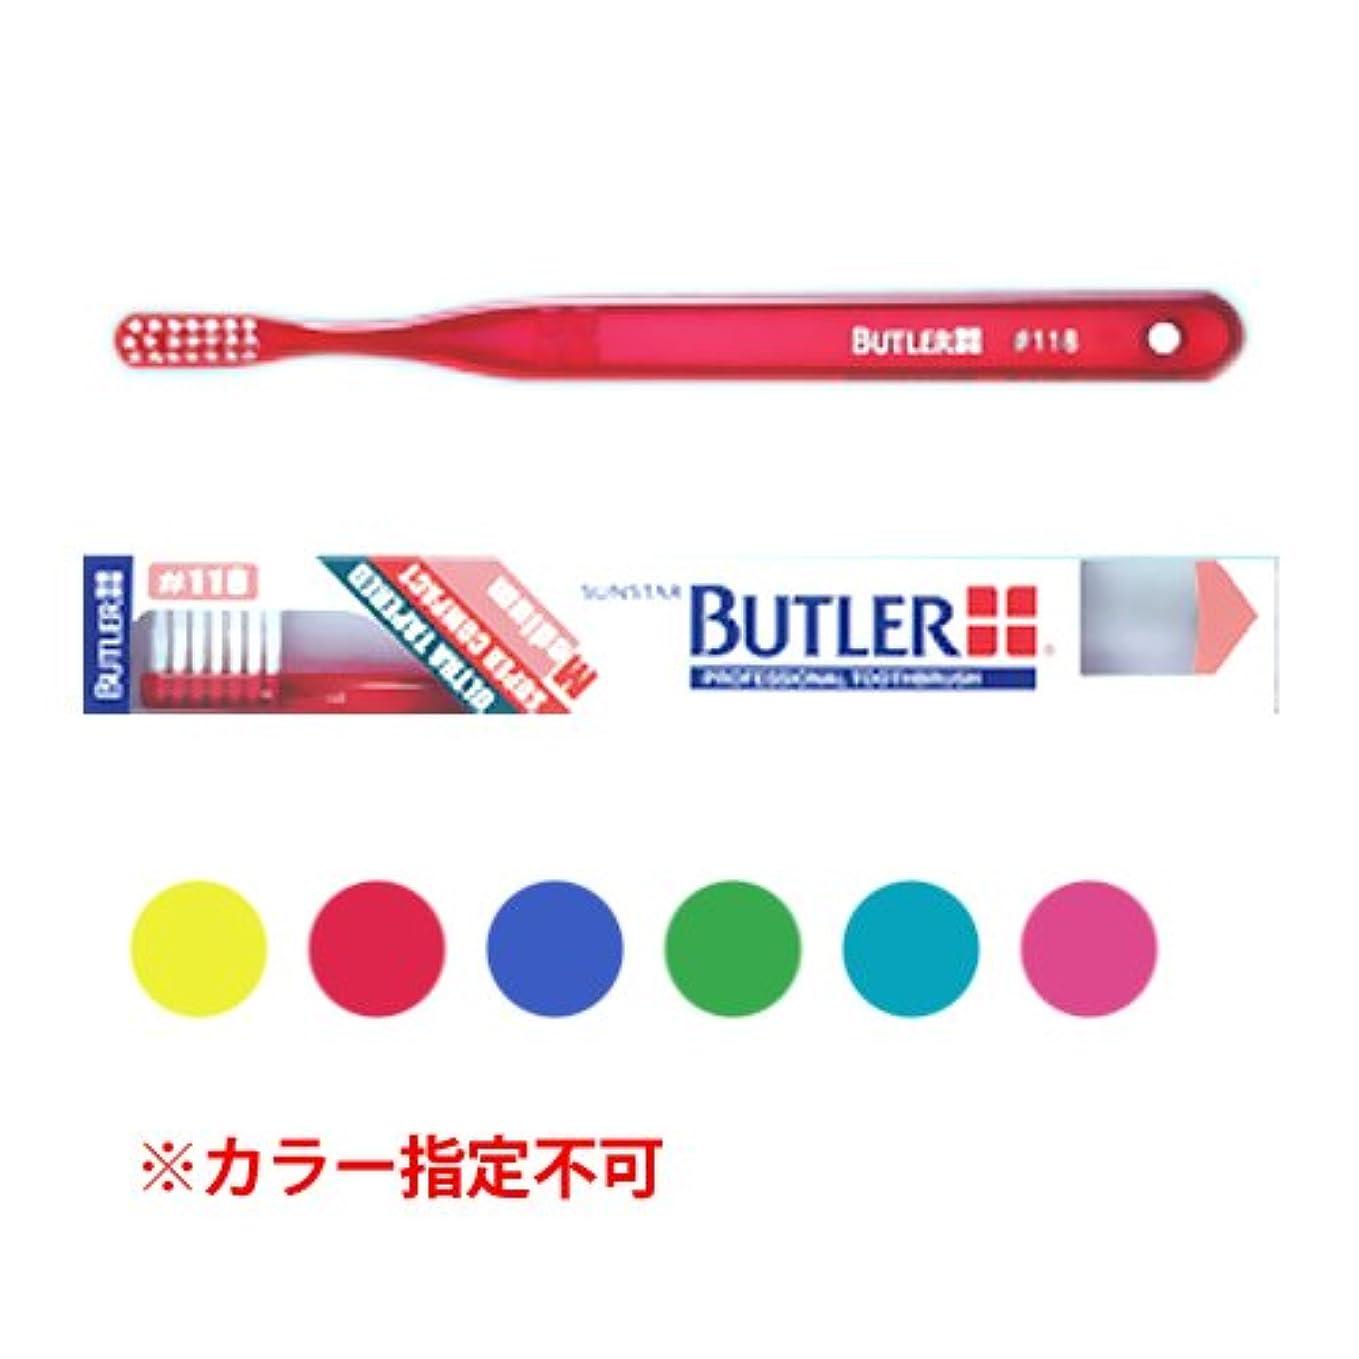 オーストラリア人斧ノベルティバトラー 歯ブラシ 1本 #118